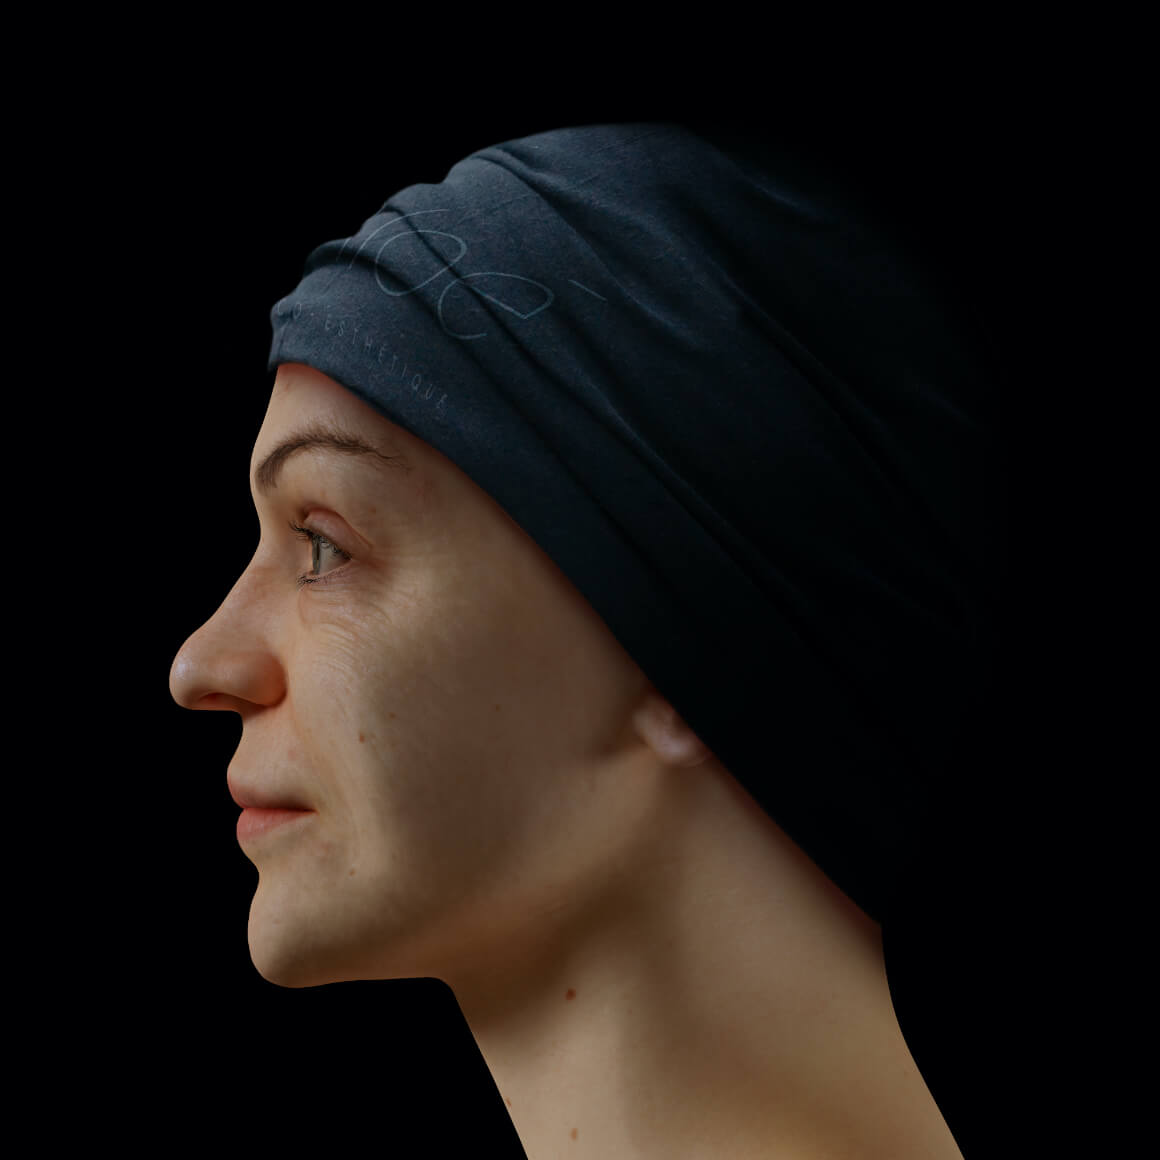 Une patiente de la Clinique Chloé positionnée de côté ayant quelques rides et ridules au niveau du visage